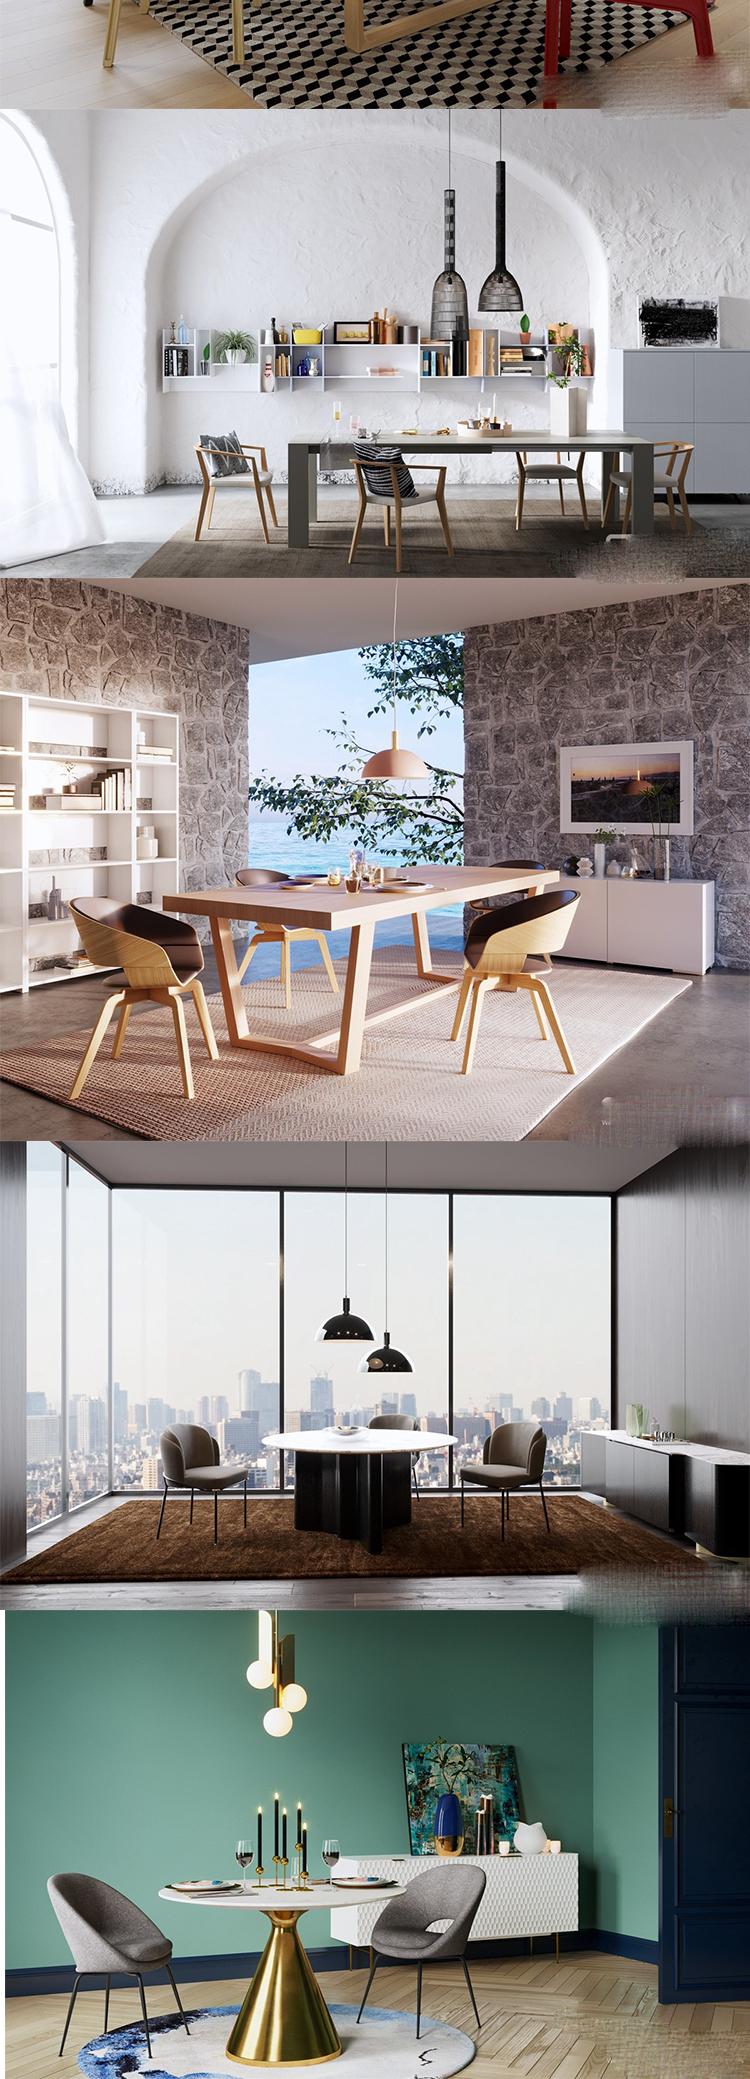 C4D fbx北欧小清新室内厨房客厅居家灯具3D三维MAX模型素材